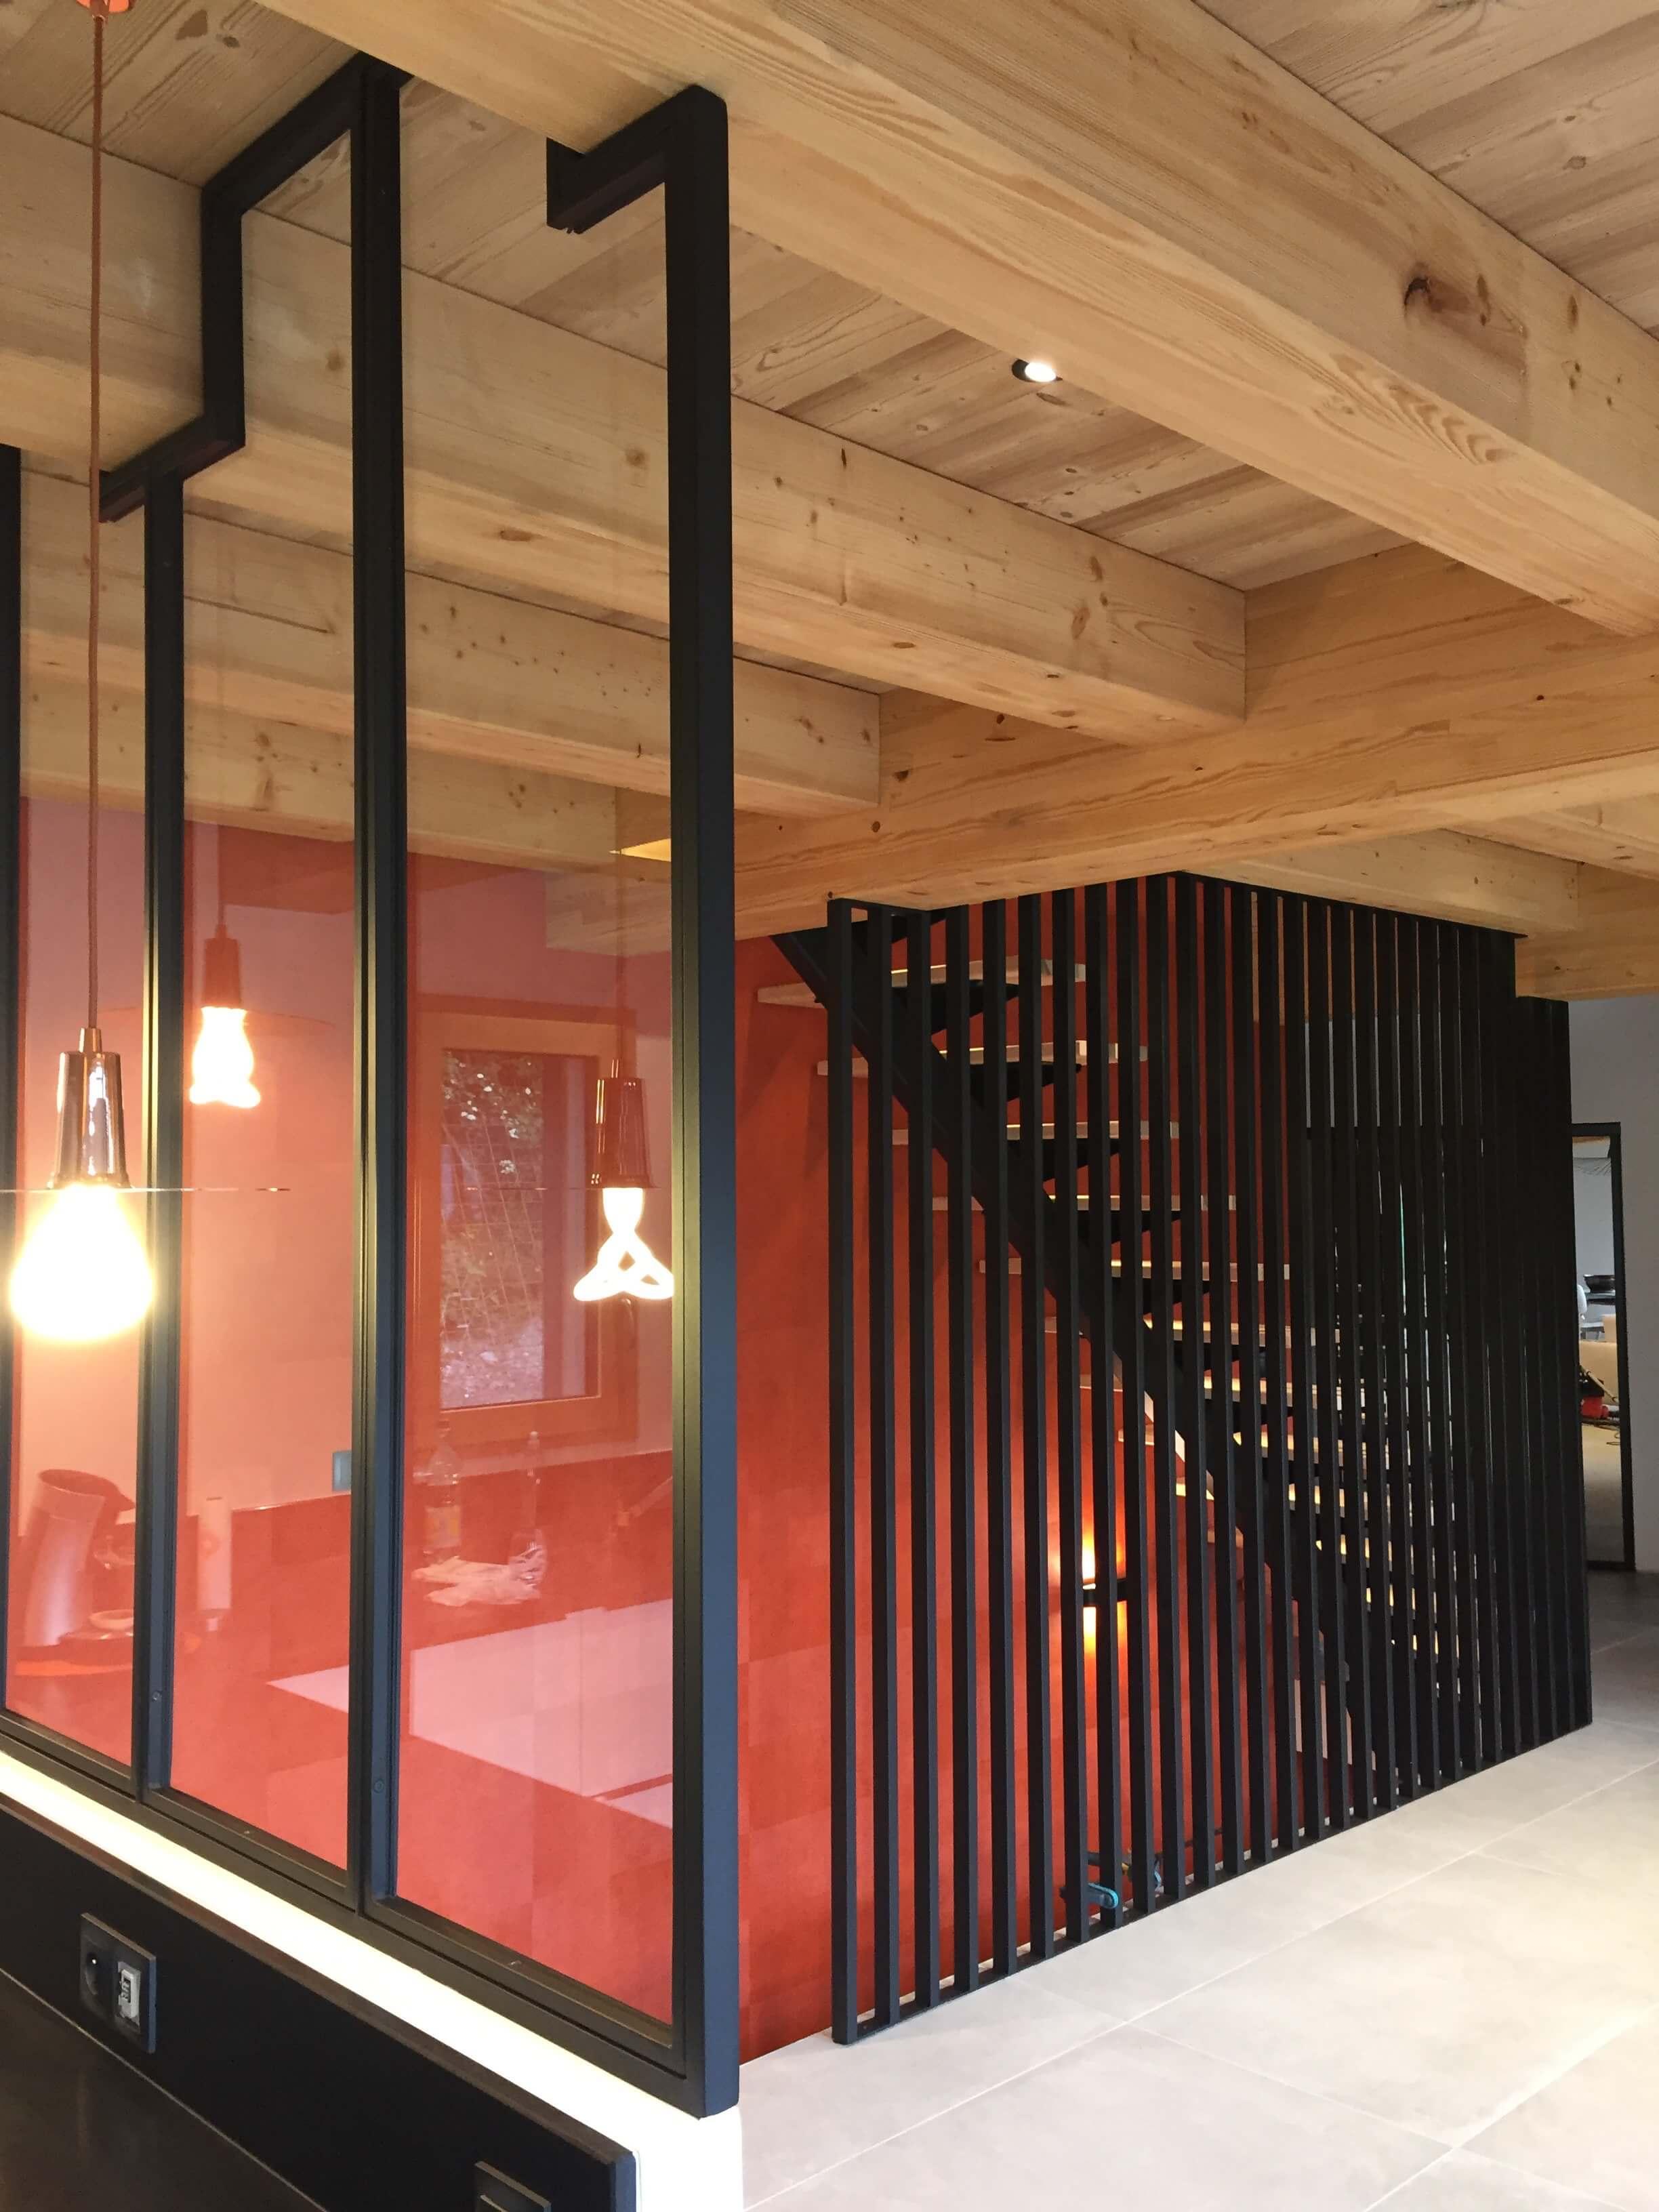 Robi design Métallique Annecy agencement intérieur verrière claustra Tarentaise 7329